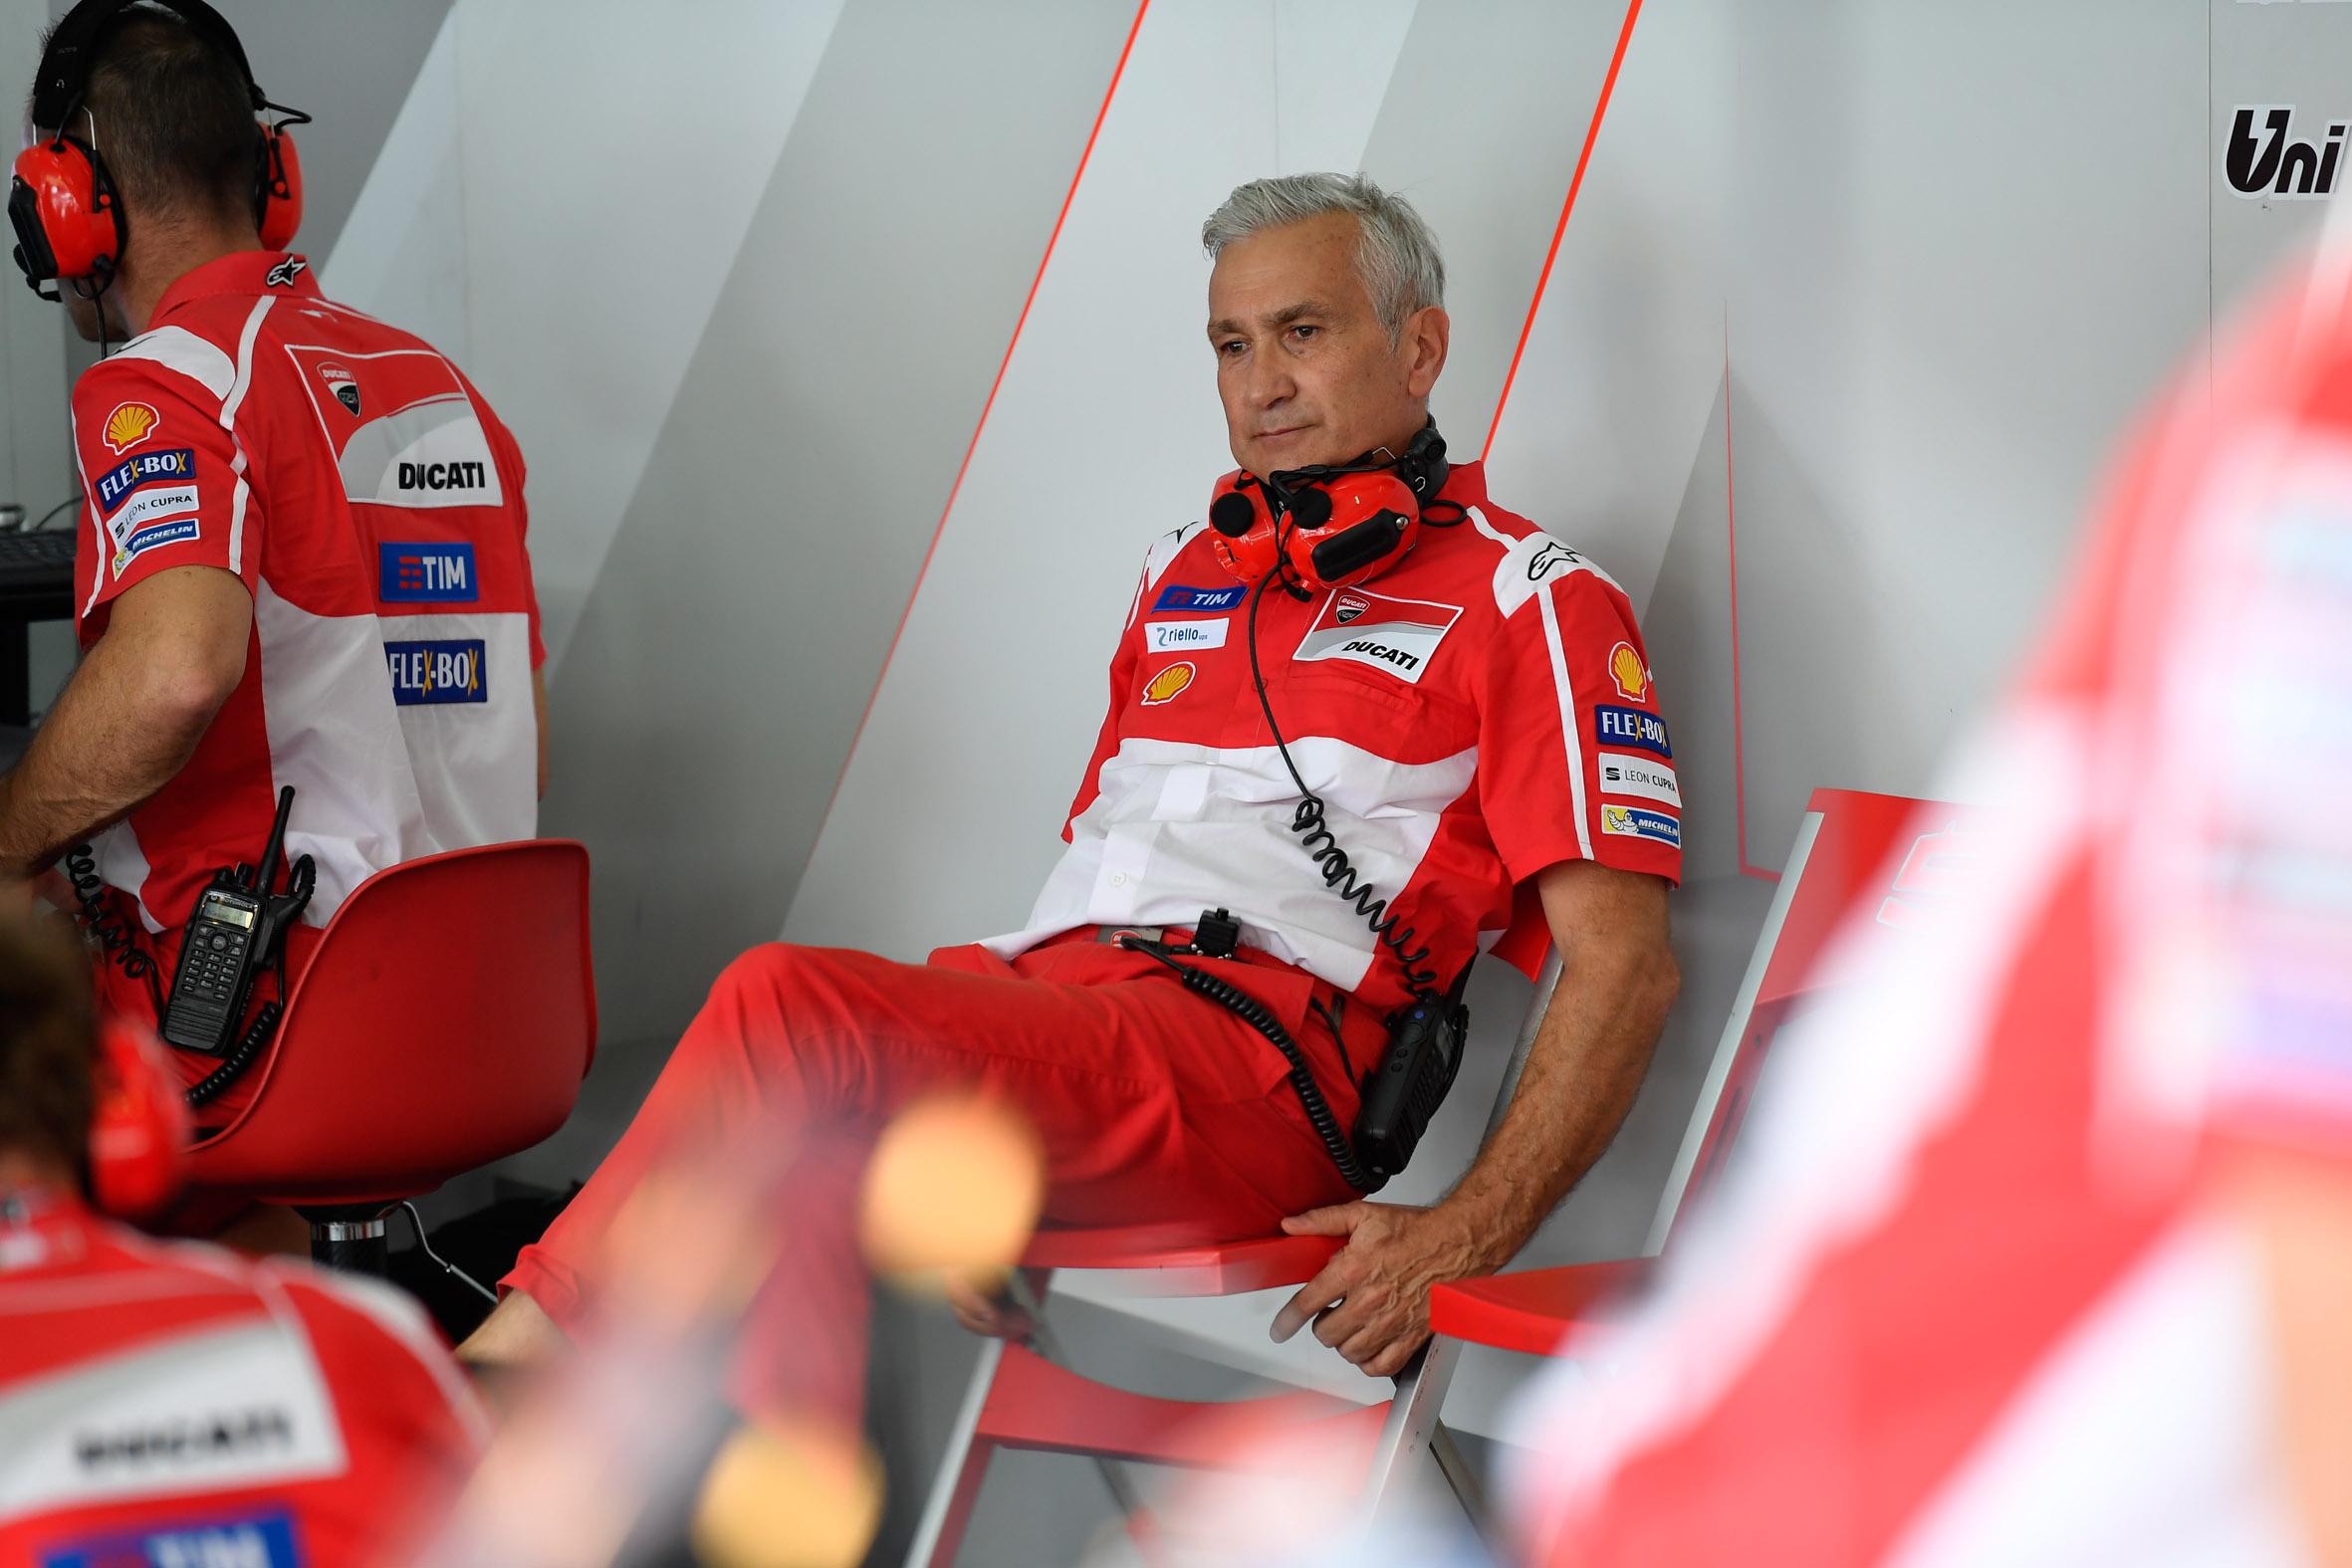 Exclusiva: Entrevista con Davide Tardozzi para entender el 'Espíritu Ducati'